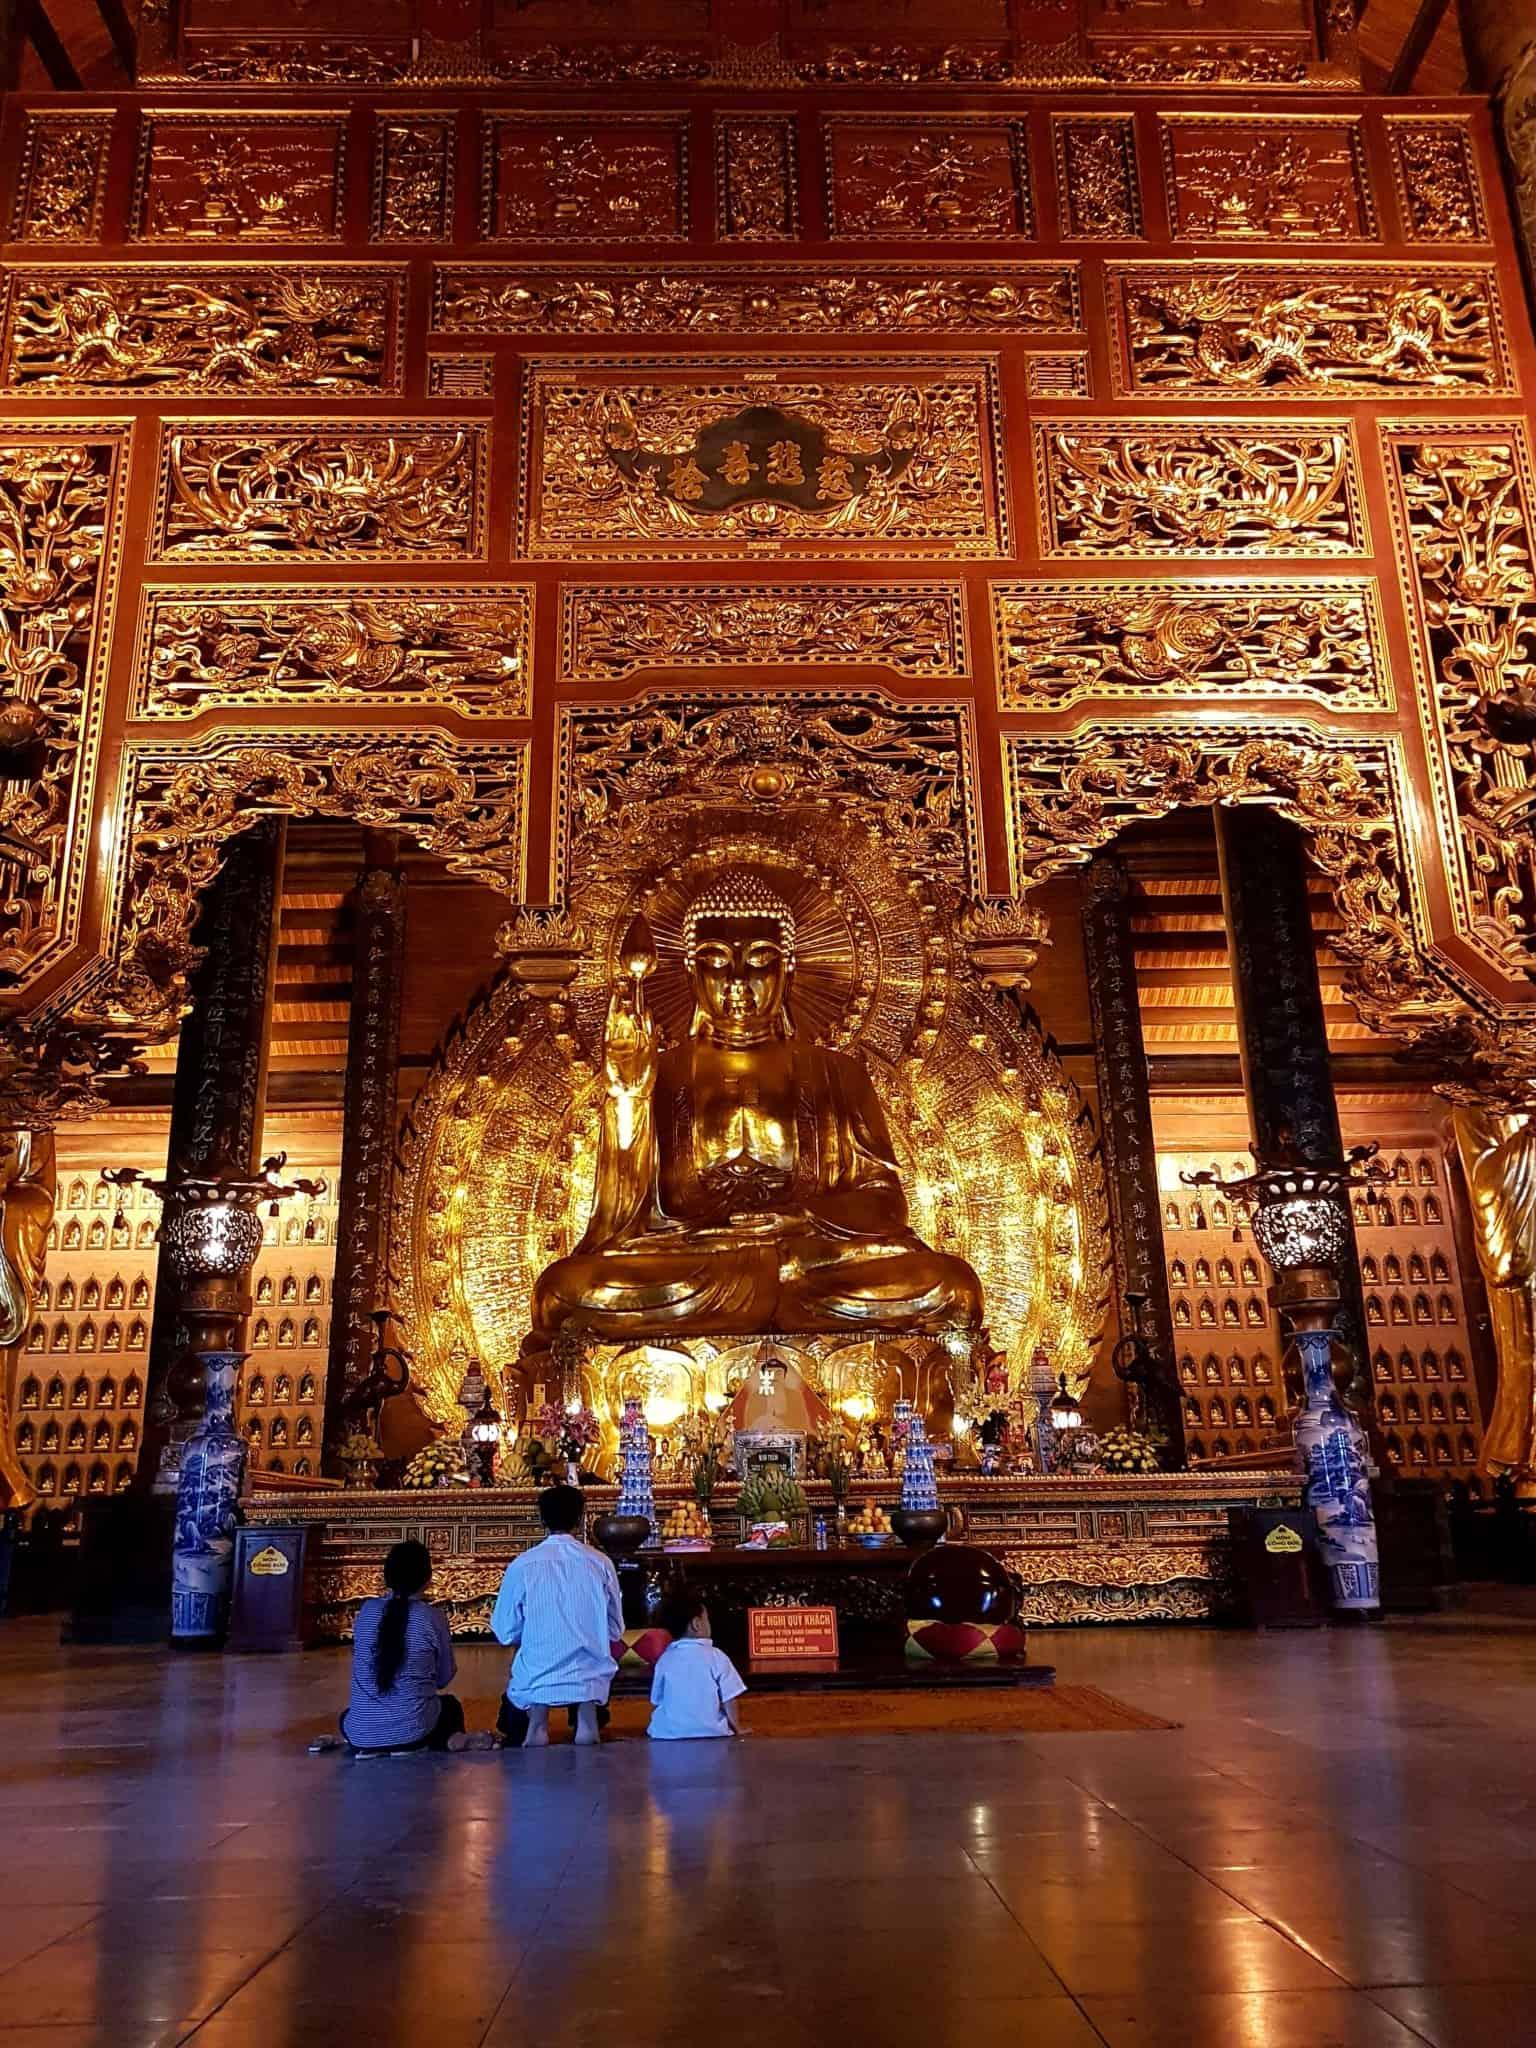 Vietnam, l'incontournable temple de Bai Dinh aux 500 statues 🛕 23